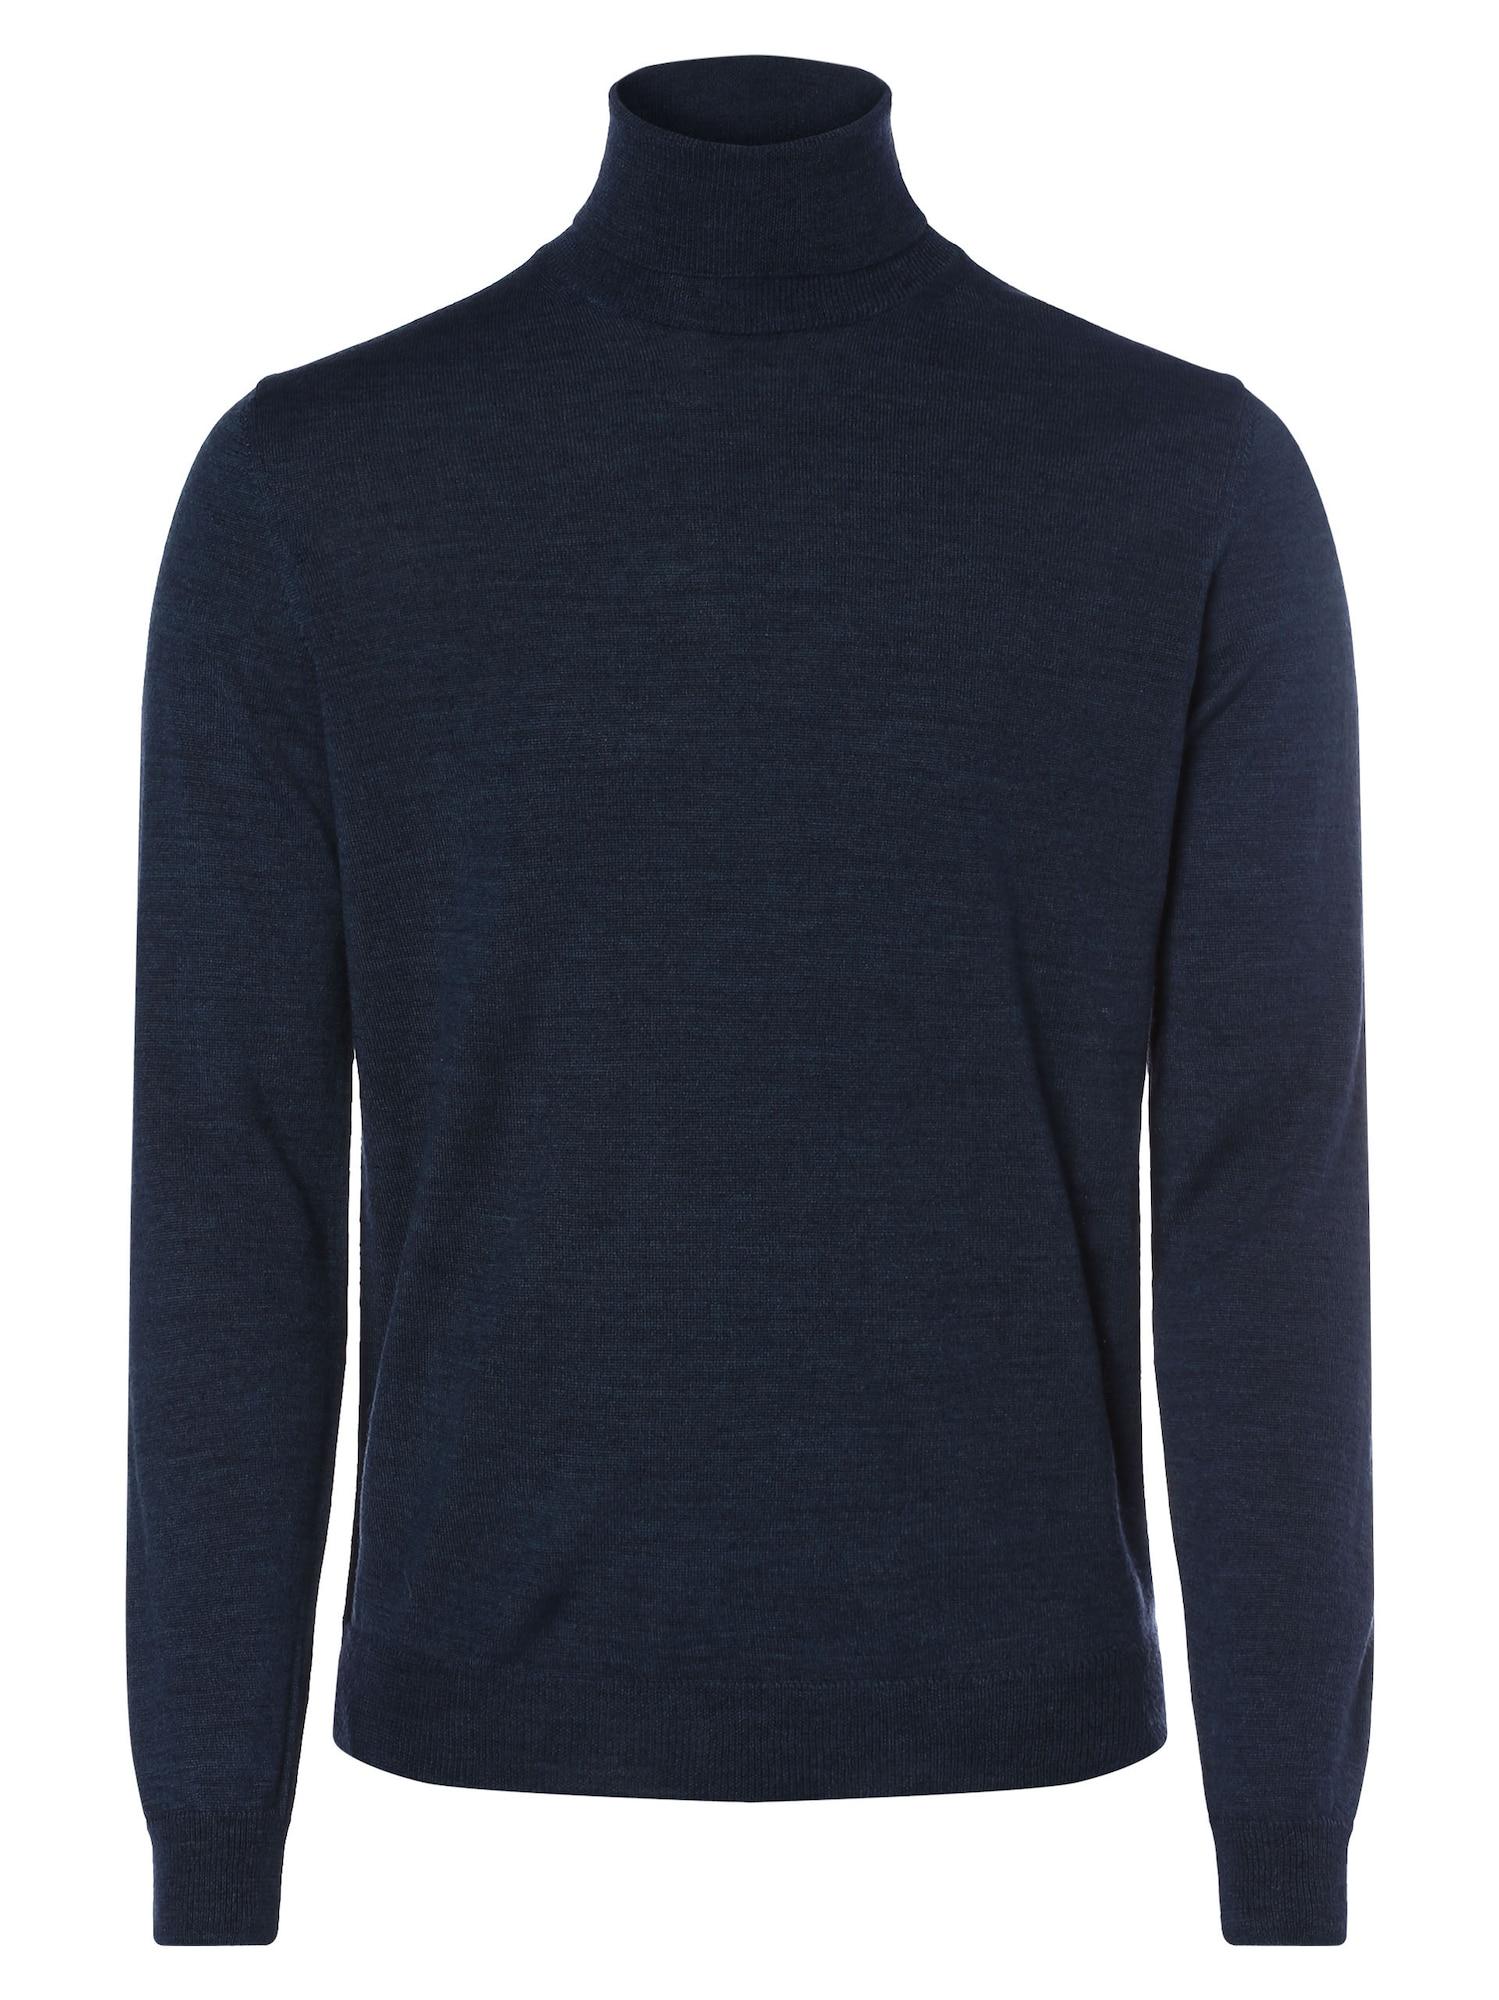 Herren Finshley & Harding Pullover blau,  rot,  weiß, braun, braun,  grün, grau, indigo, weiß | 04043654388564